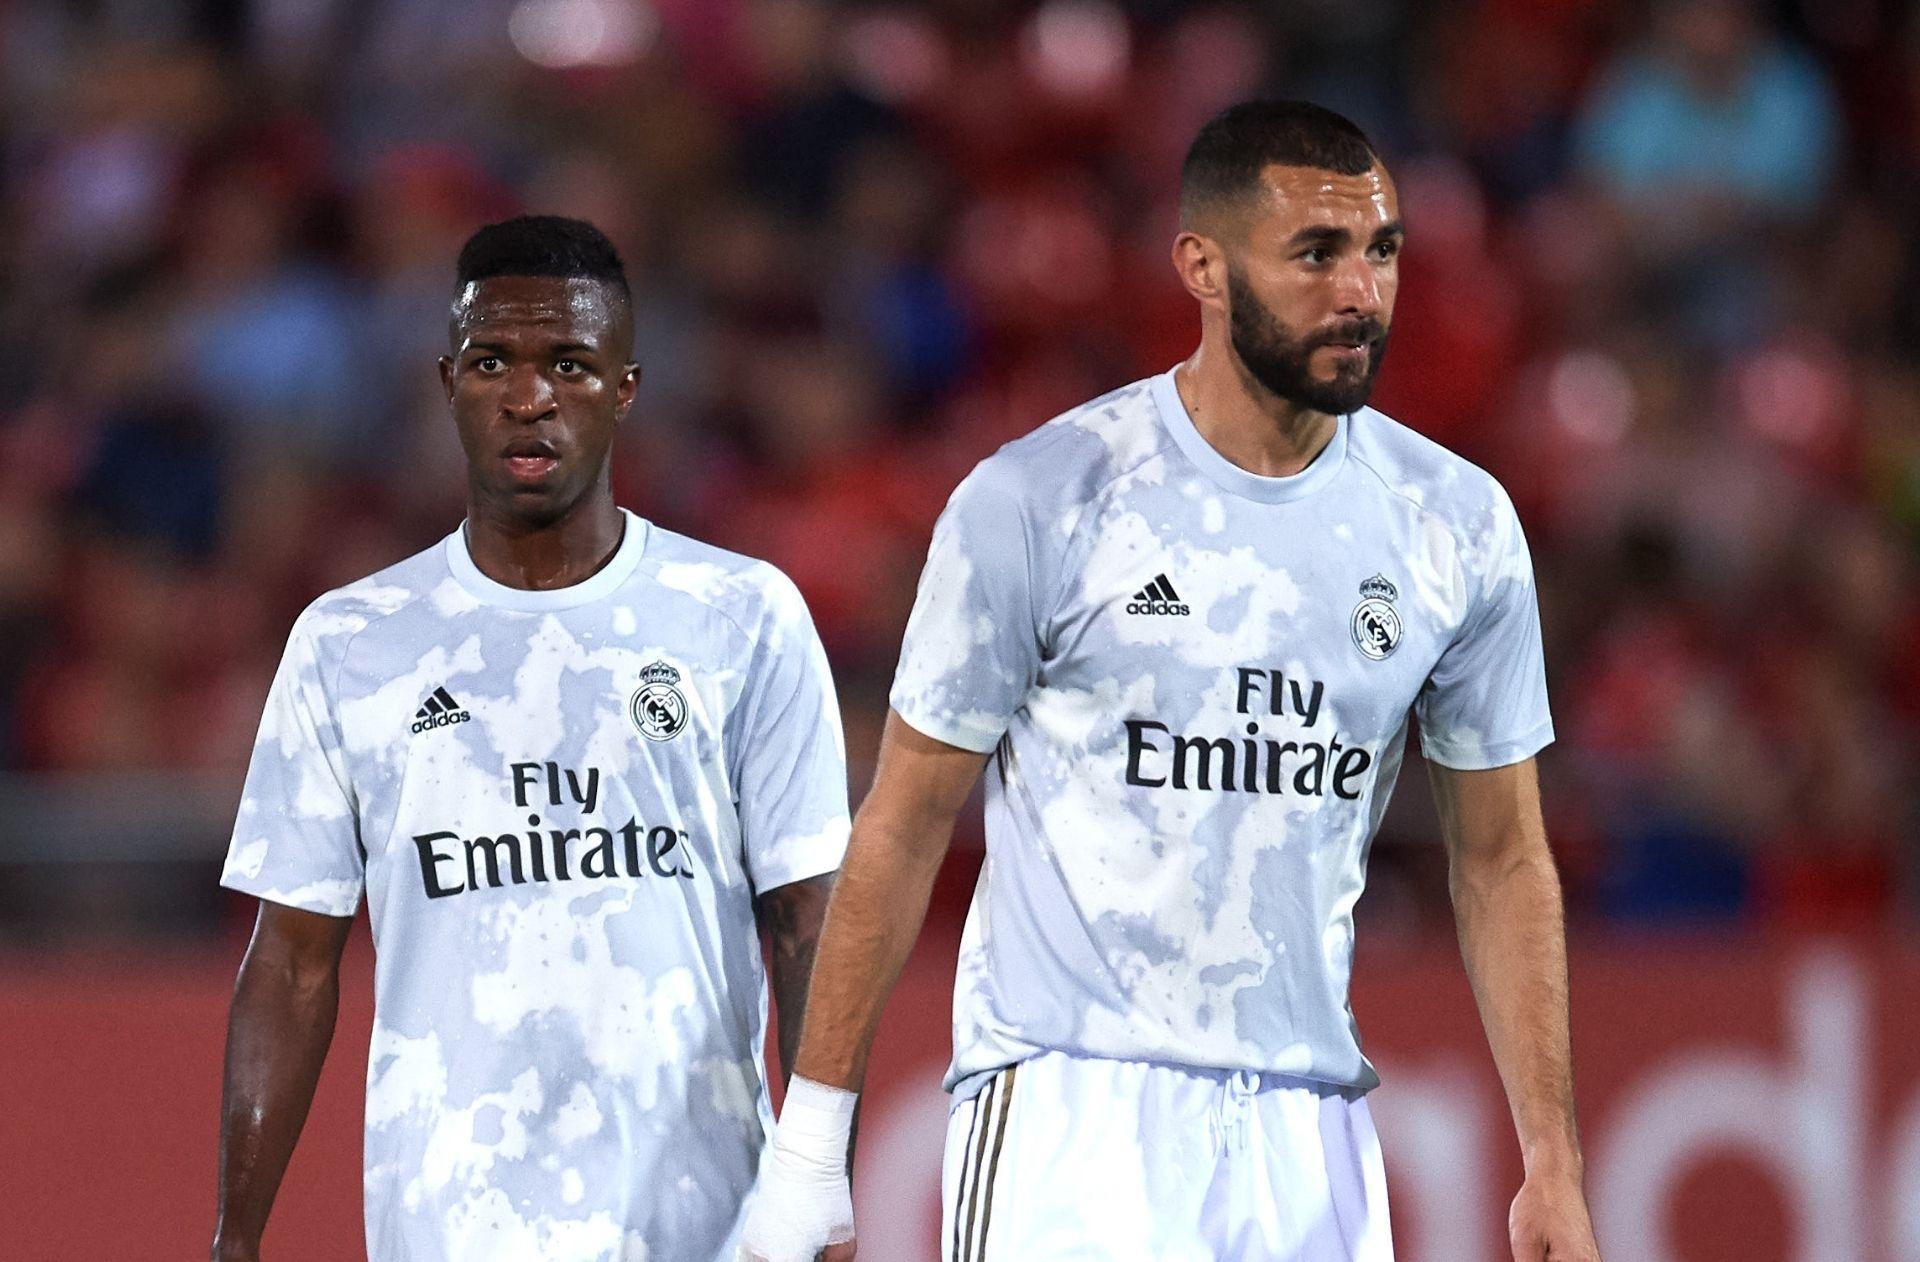 Vinicius: Shkoj mirë me Benzema, mendoj vetëm për njerëzit që më duan